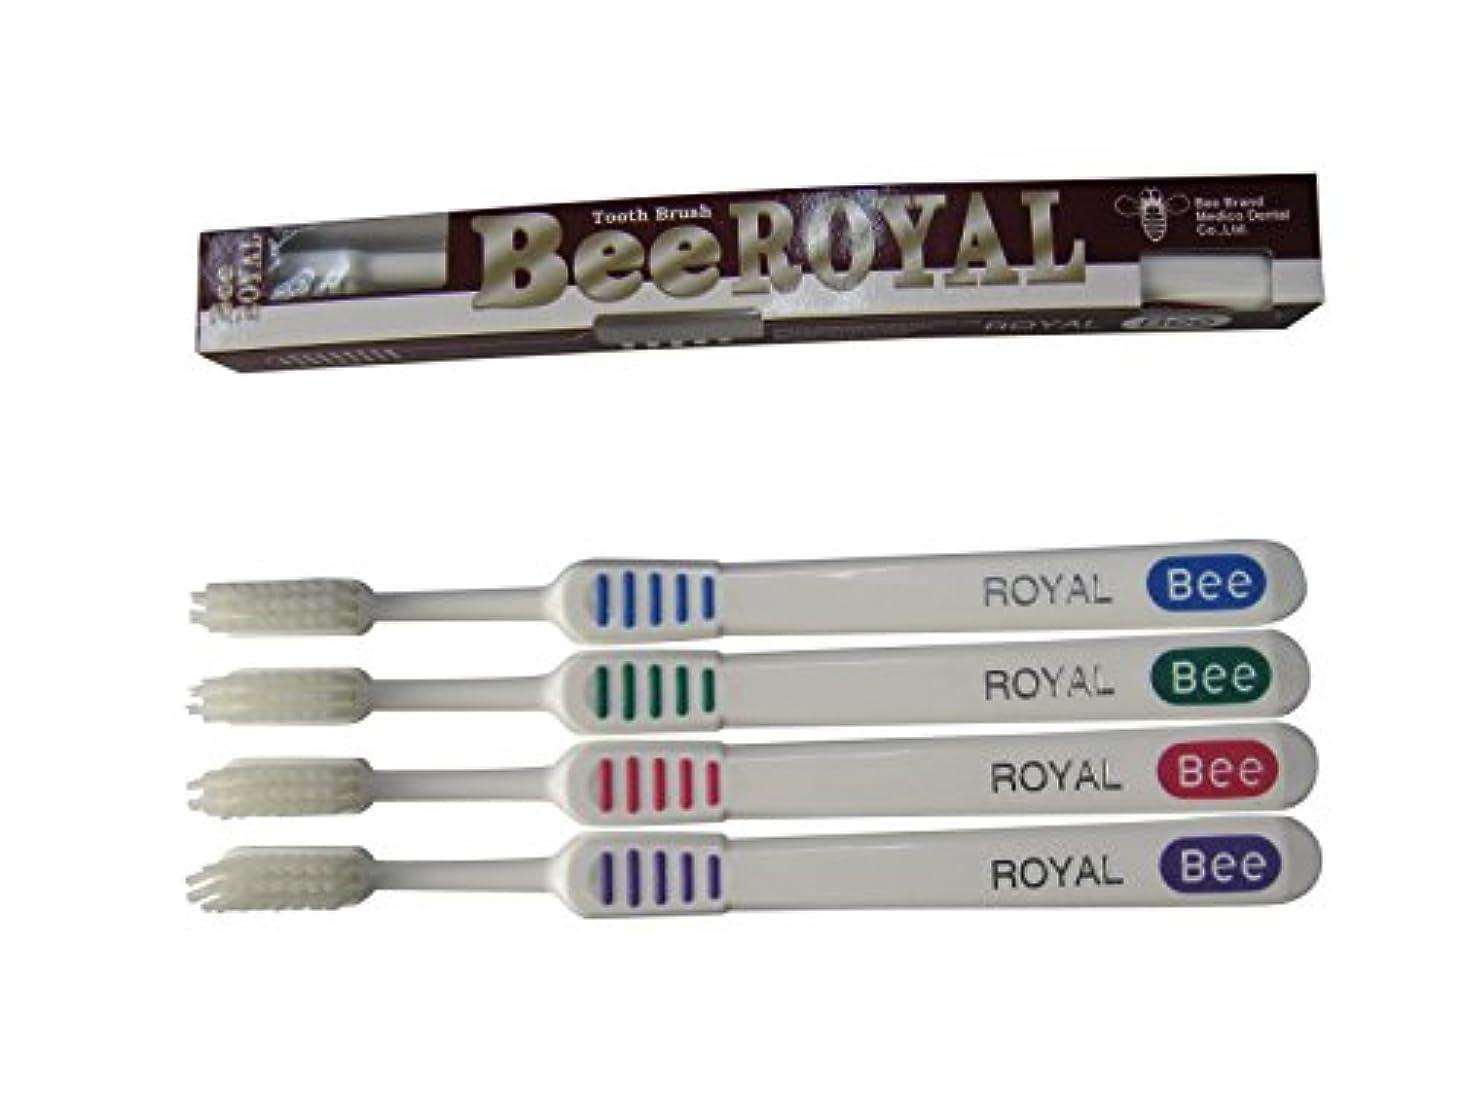 反対うま巨大なドクタービー 歯ブラシ ビーブランド ドクタービーロイヤル ふつう 4色アソート 20本入り